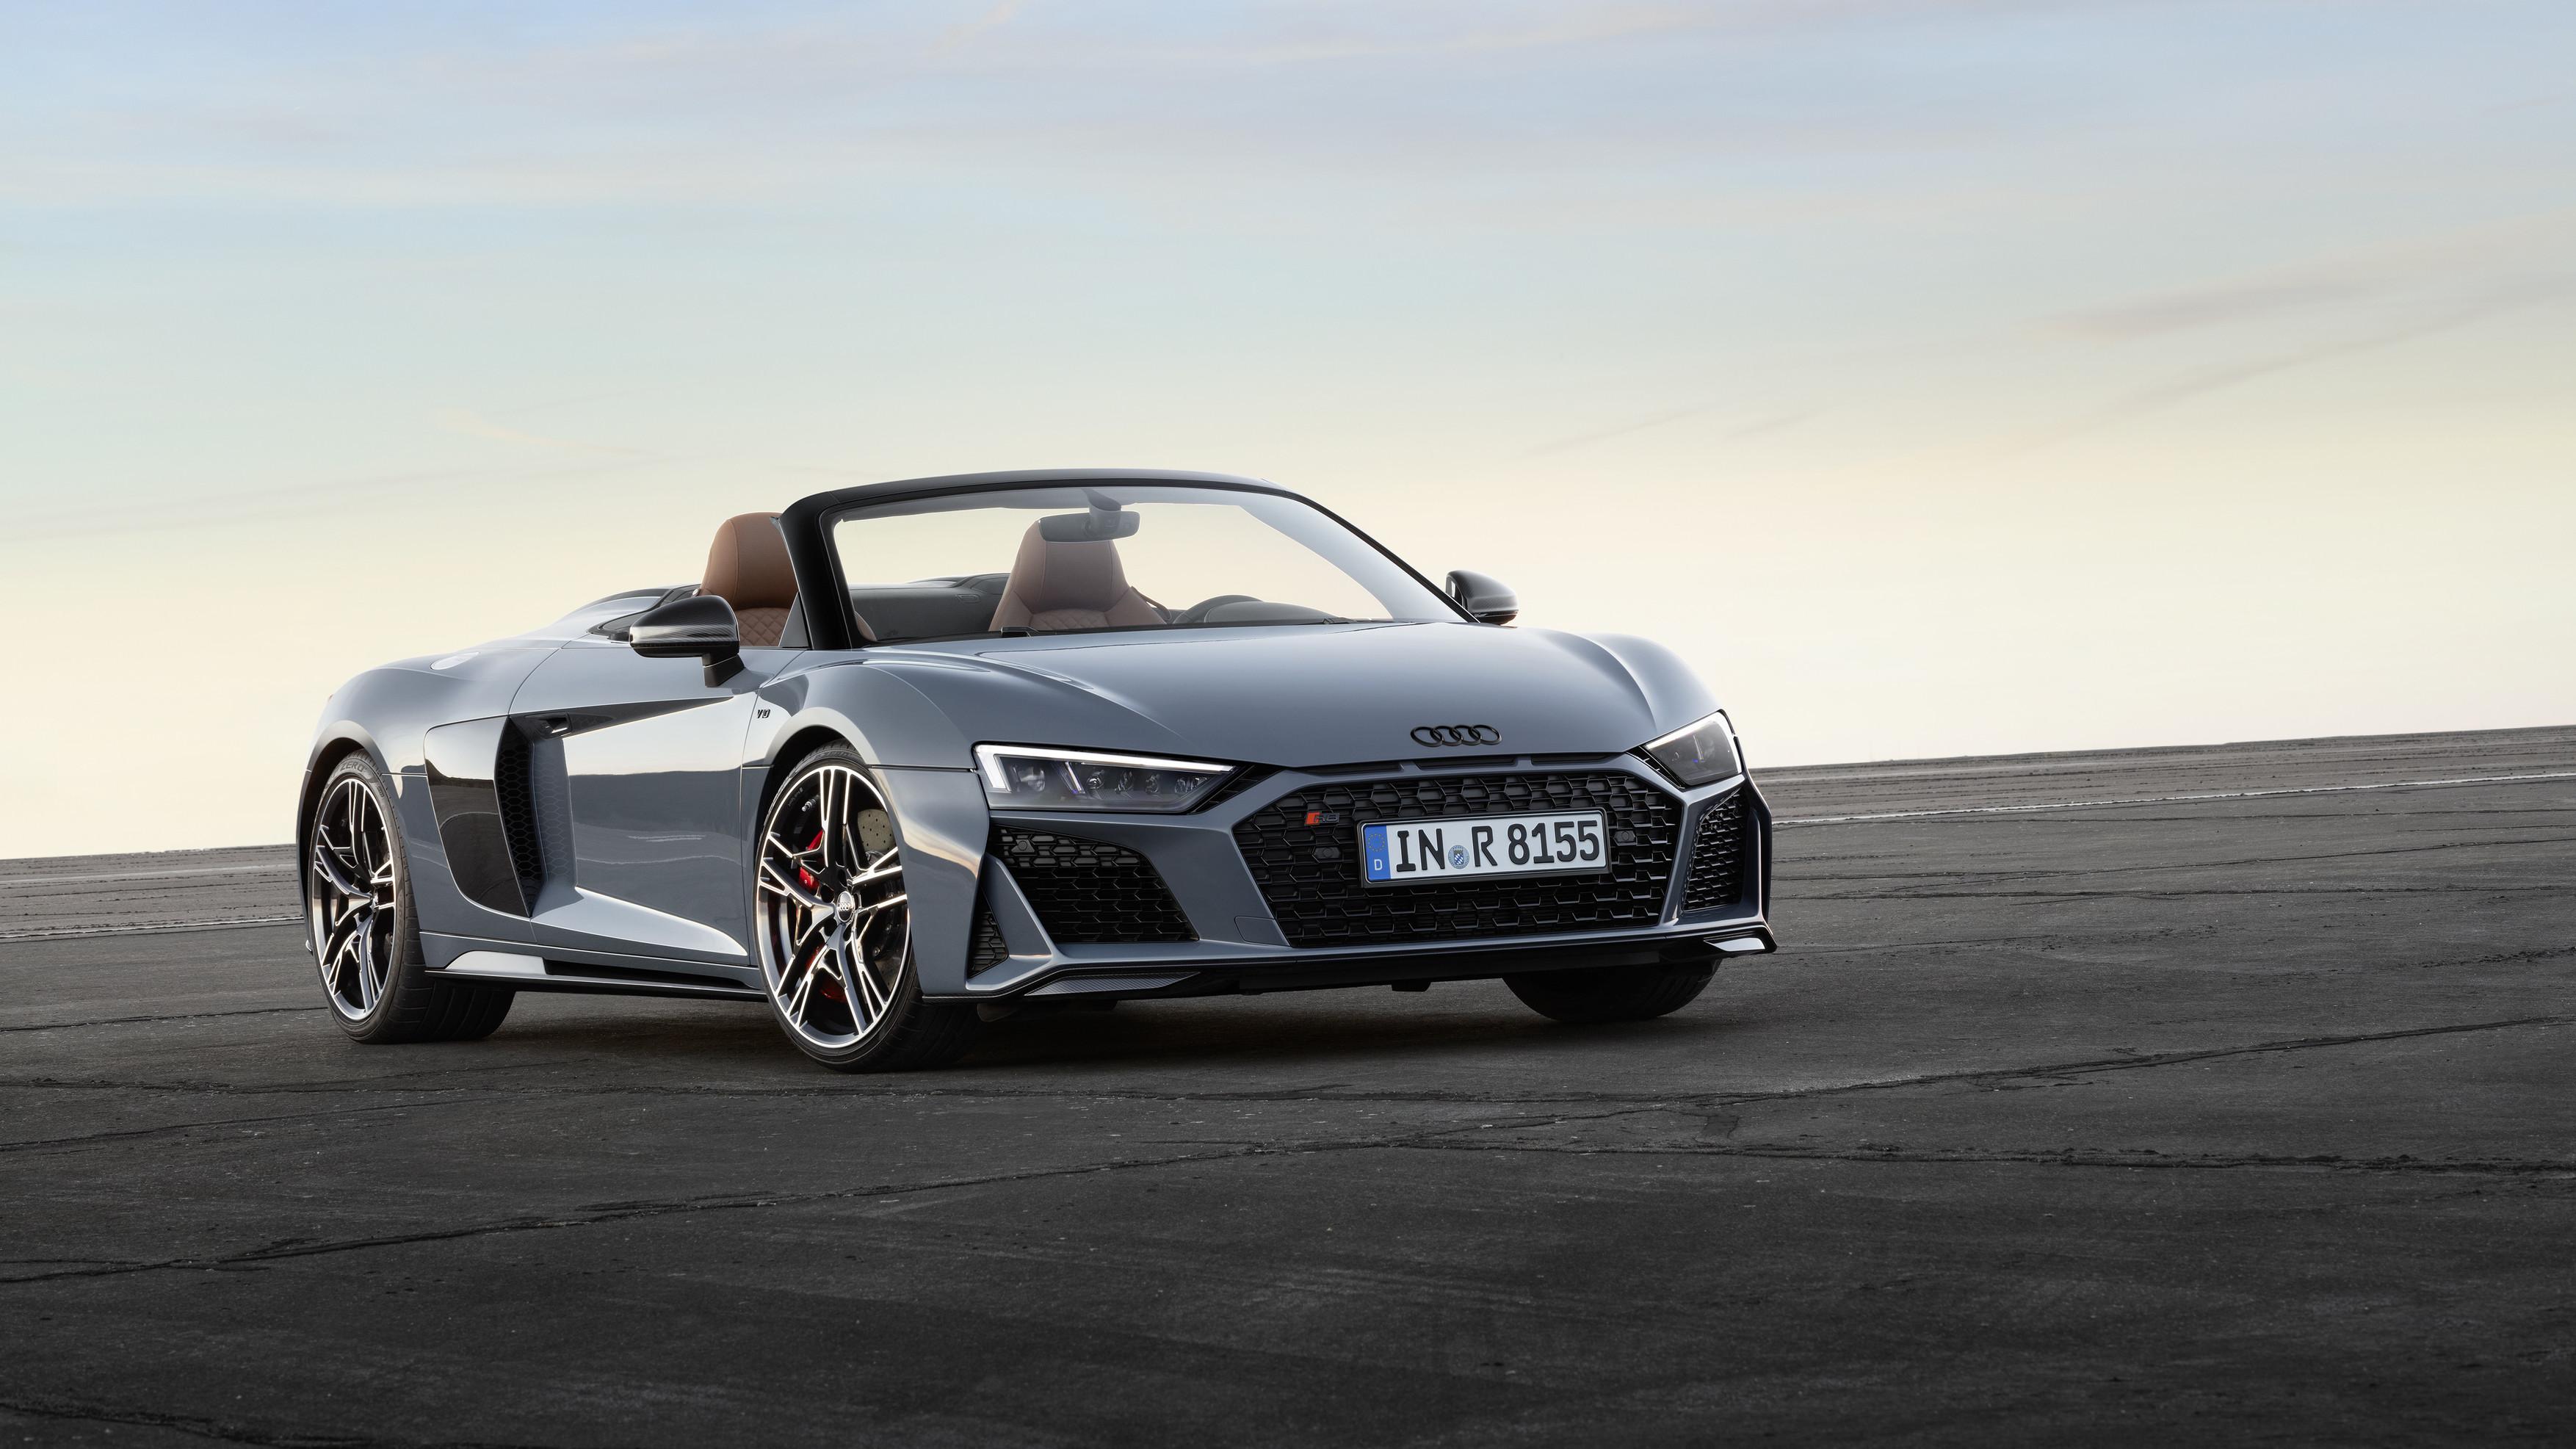 Fotostrecke: Audi überarbeitet den R8 umfangreich ...   audi luxury sports car